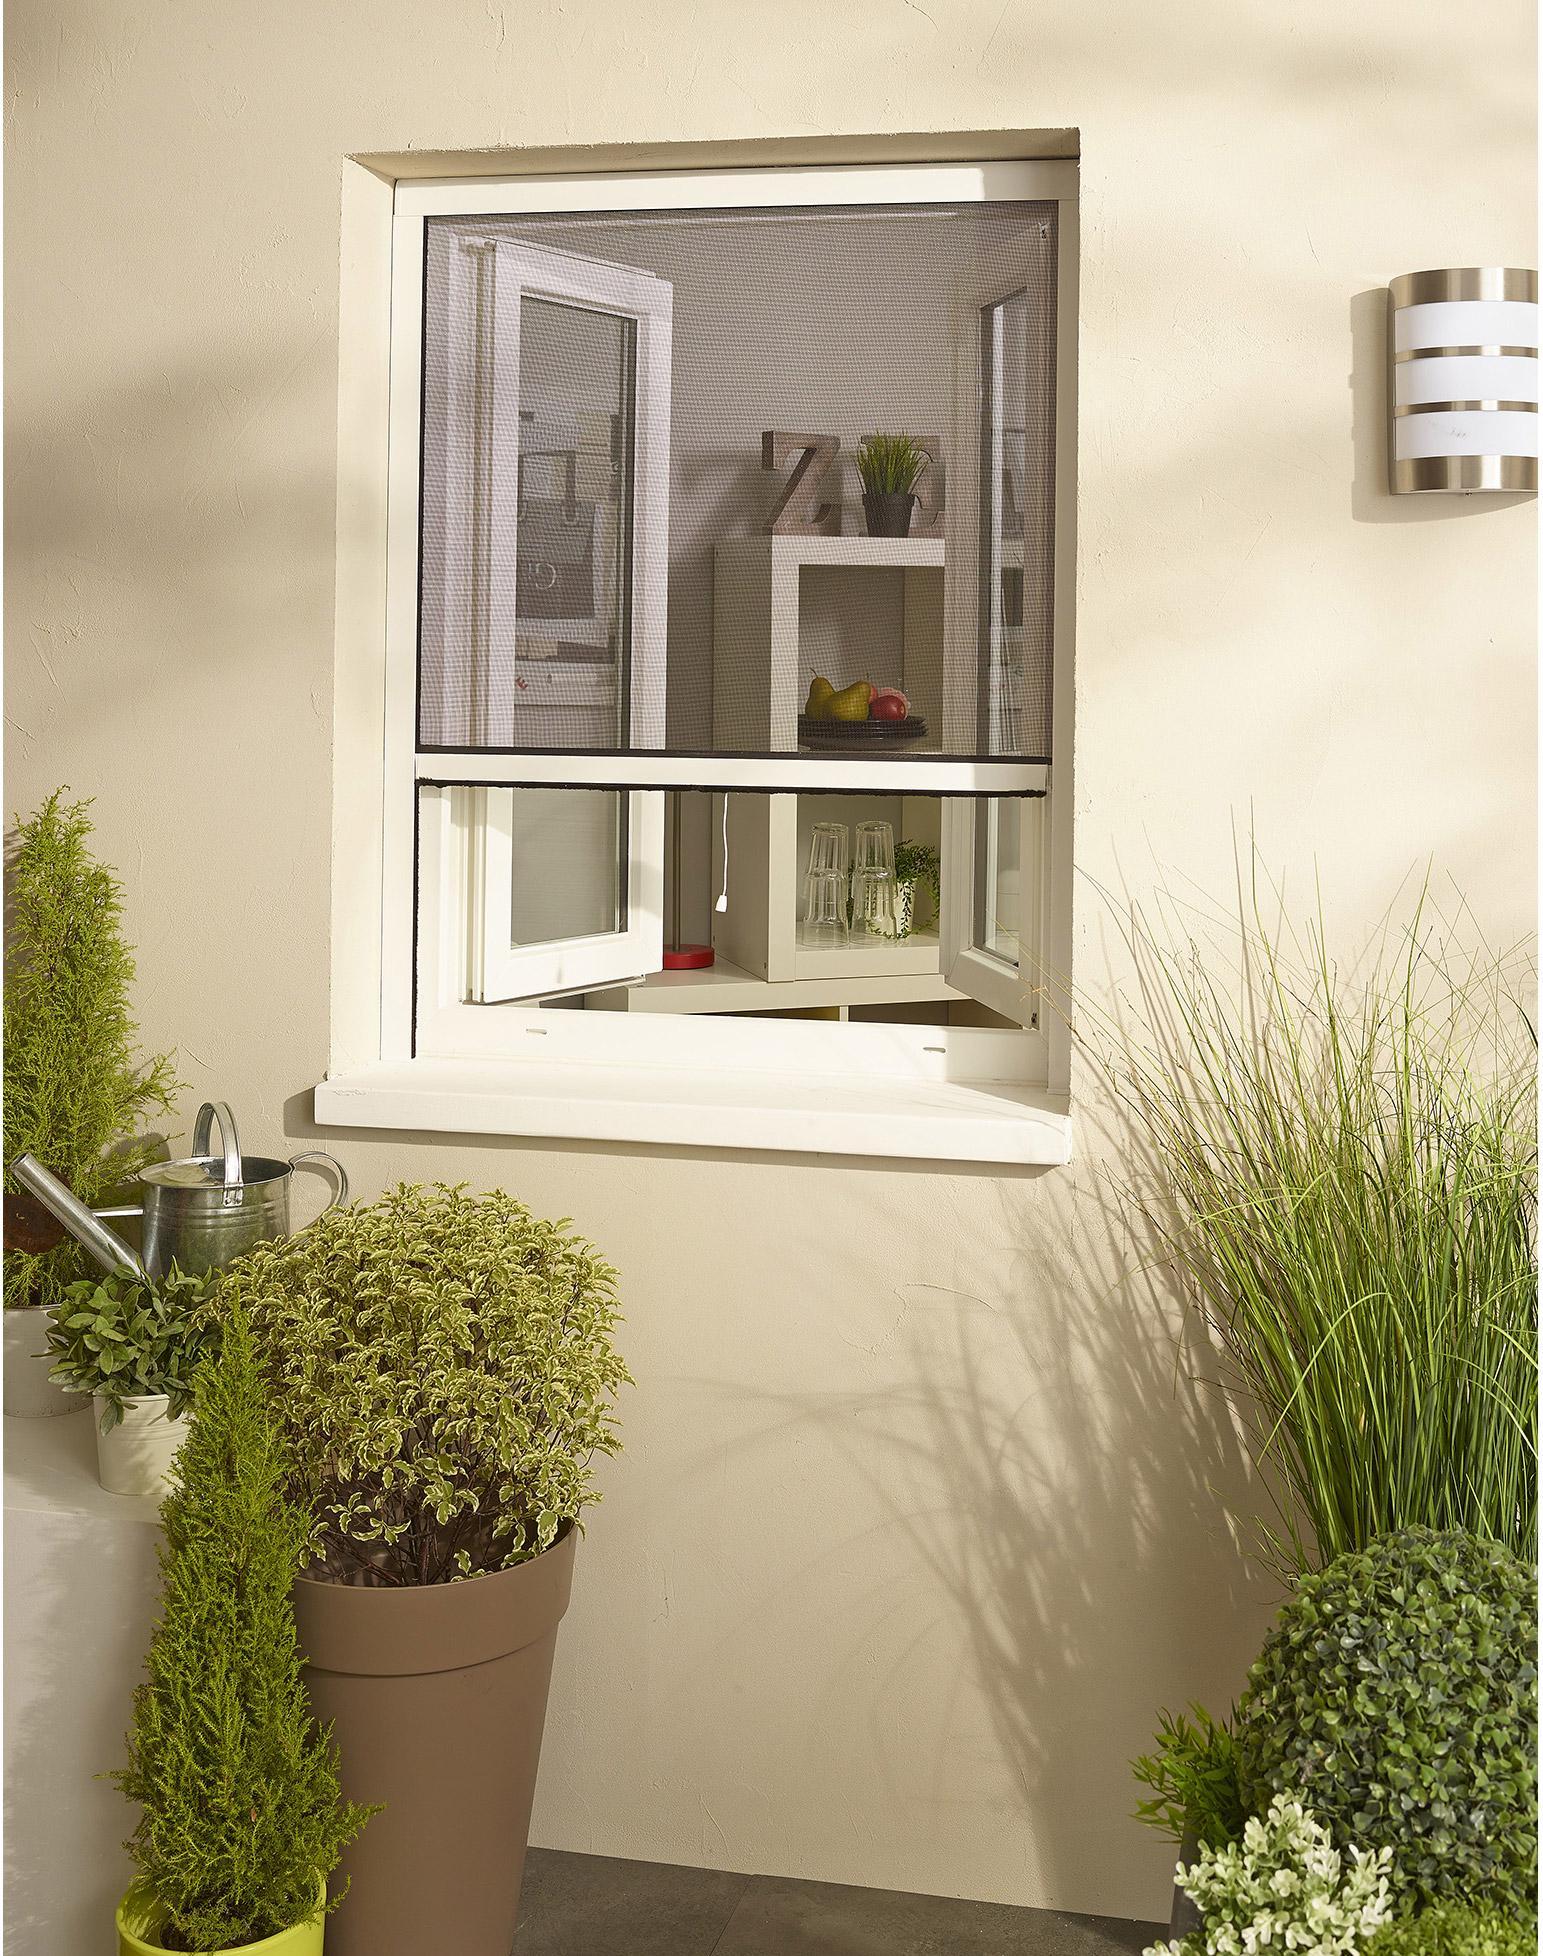 moustiquaire pour fenêtre à enroulement vertical h160 x l